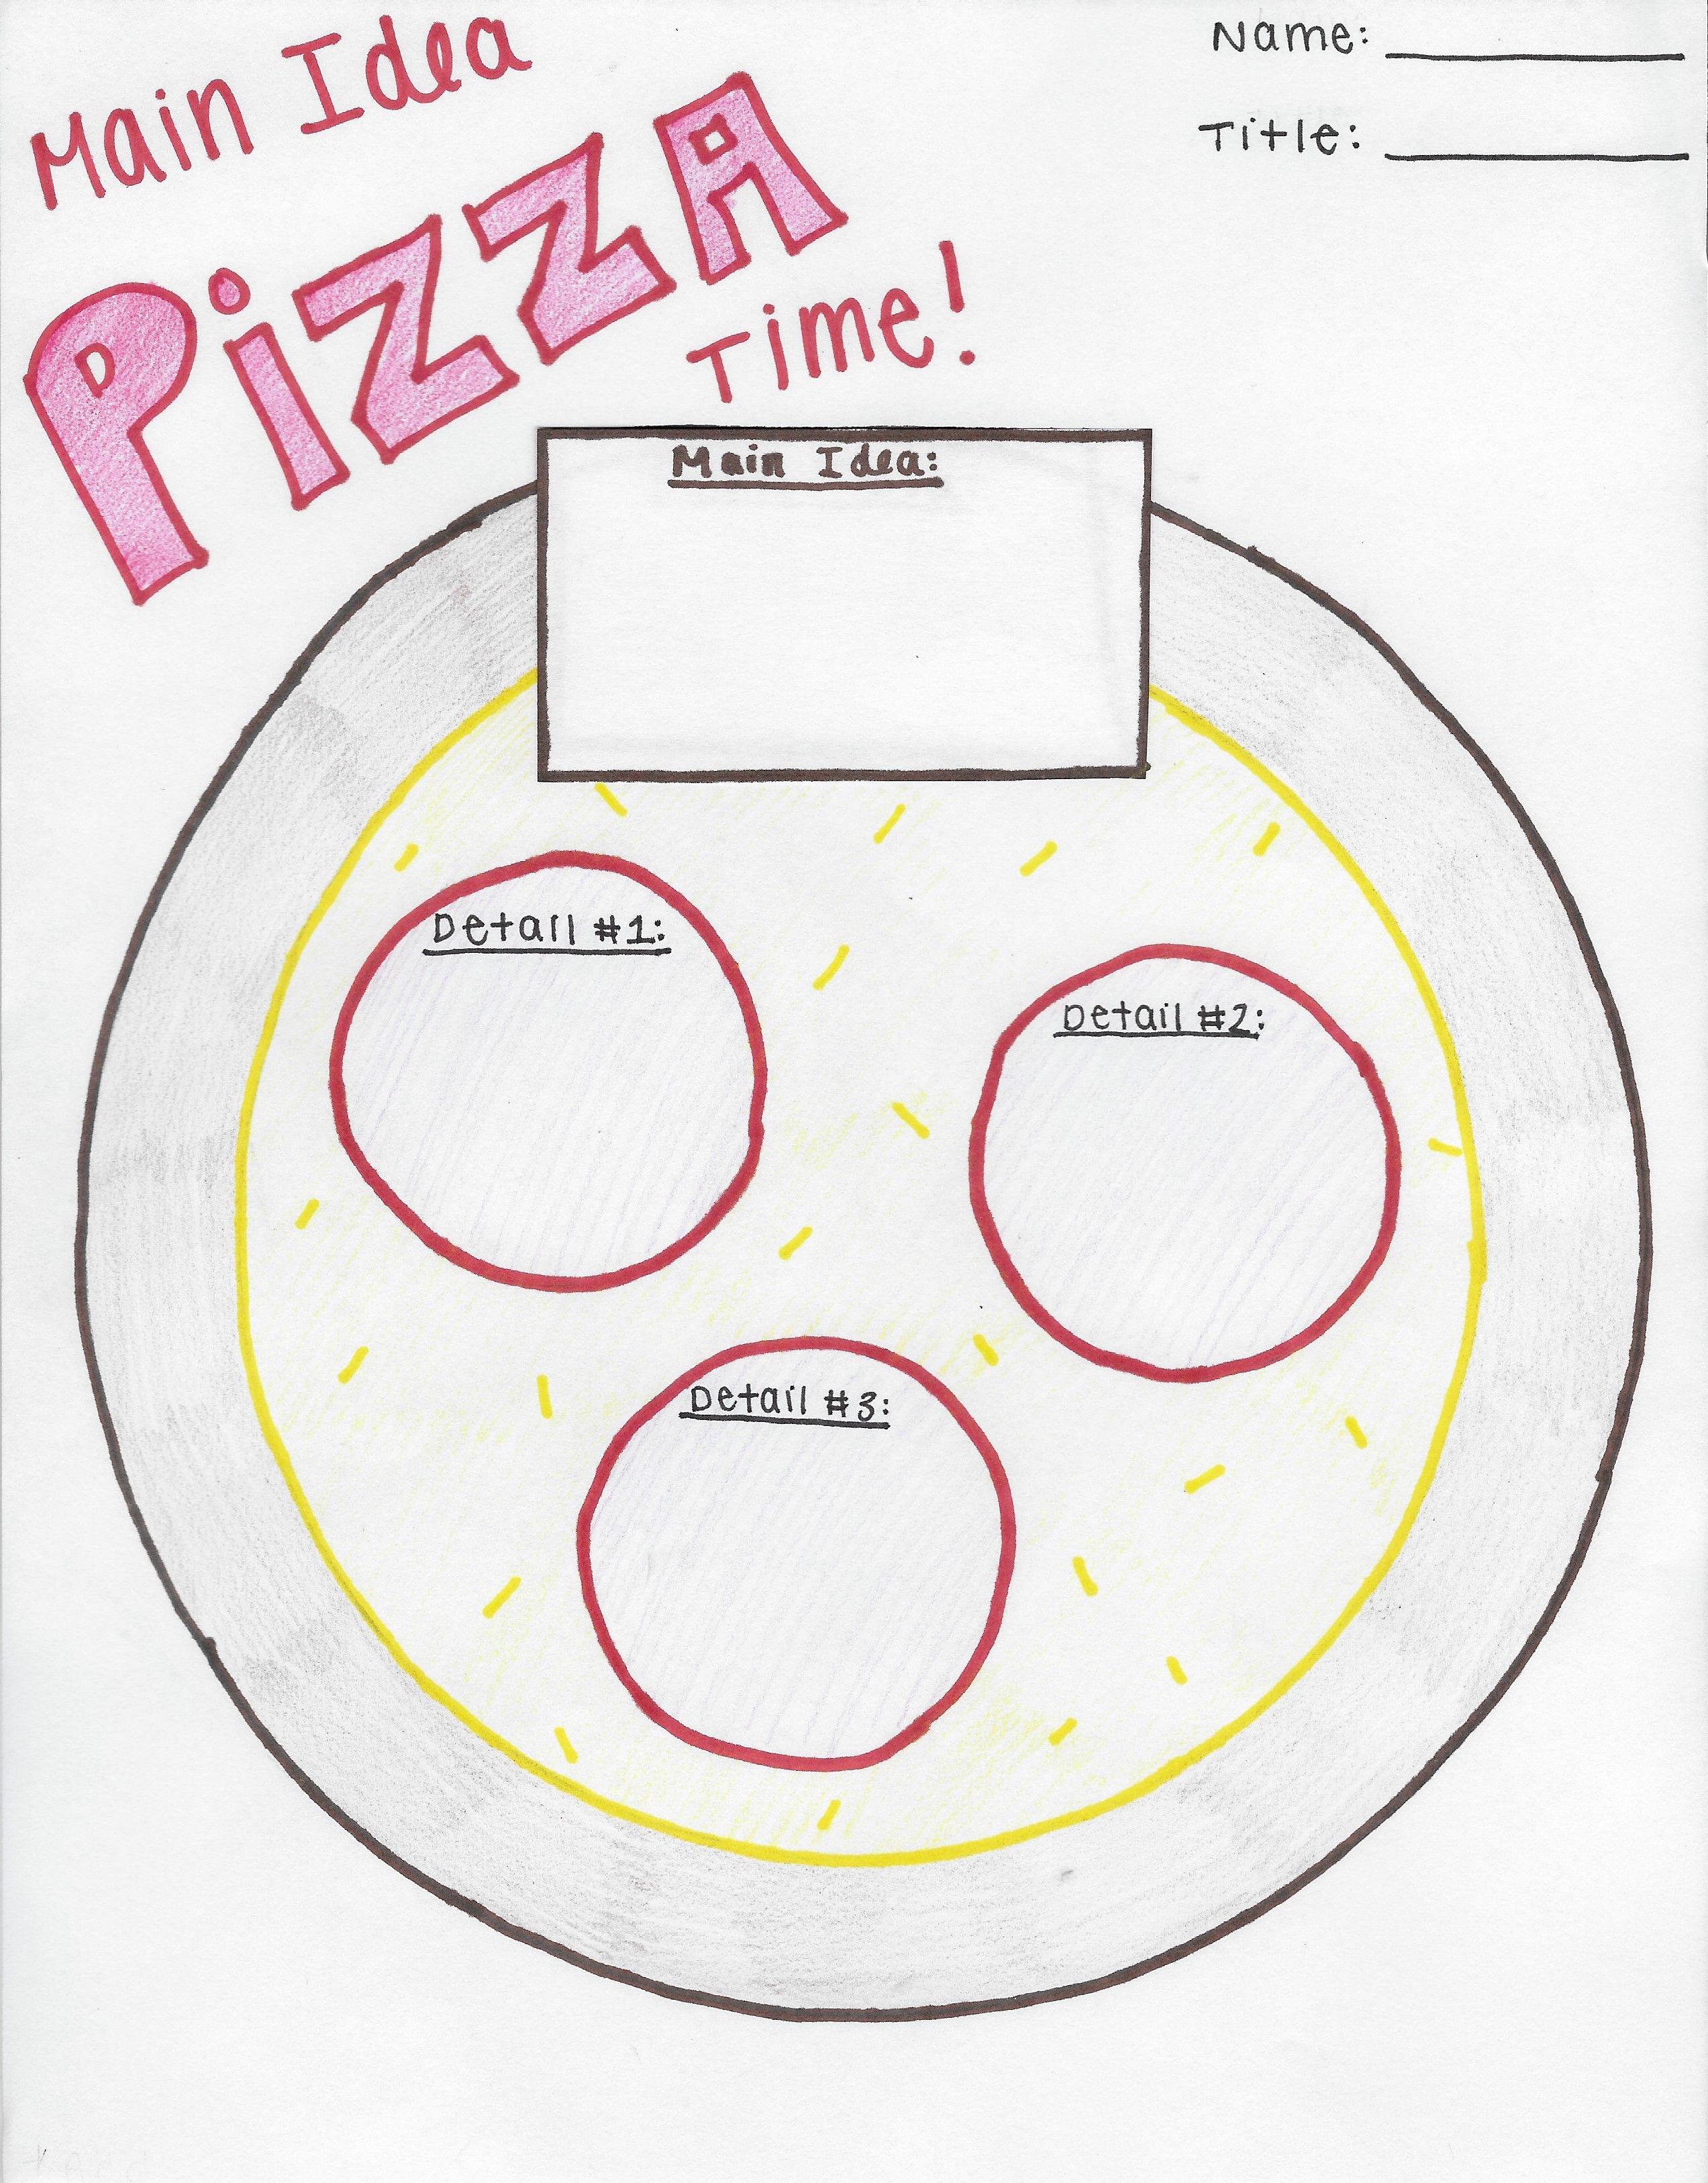 Main Idea Graphic Organizer For 3rd Grade Students Will